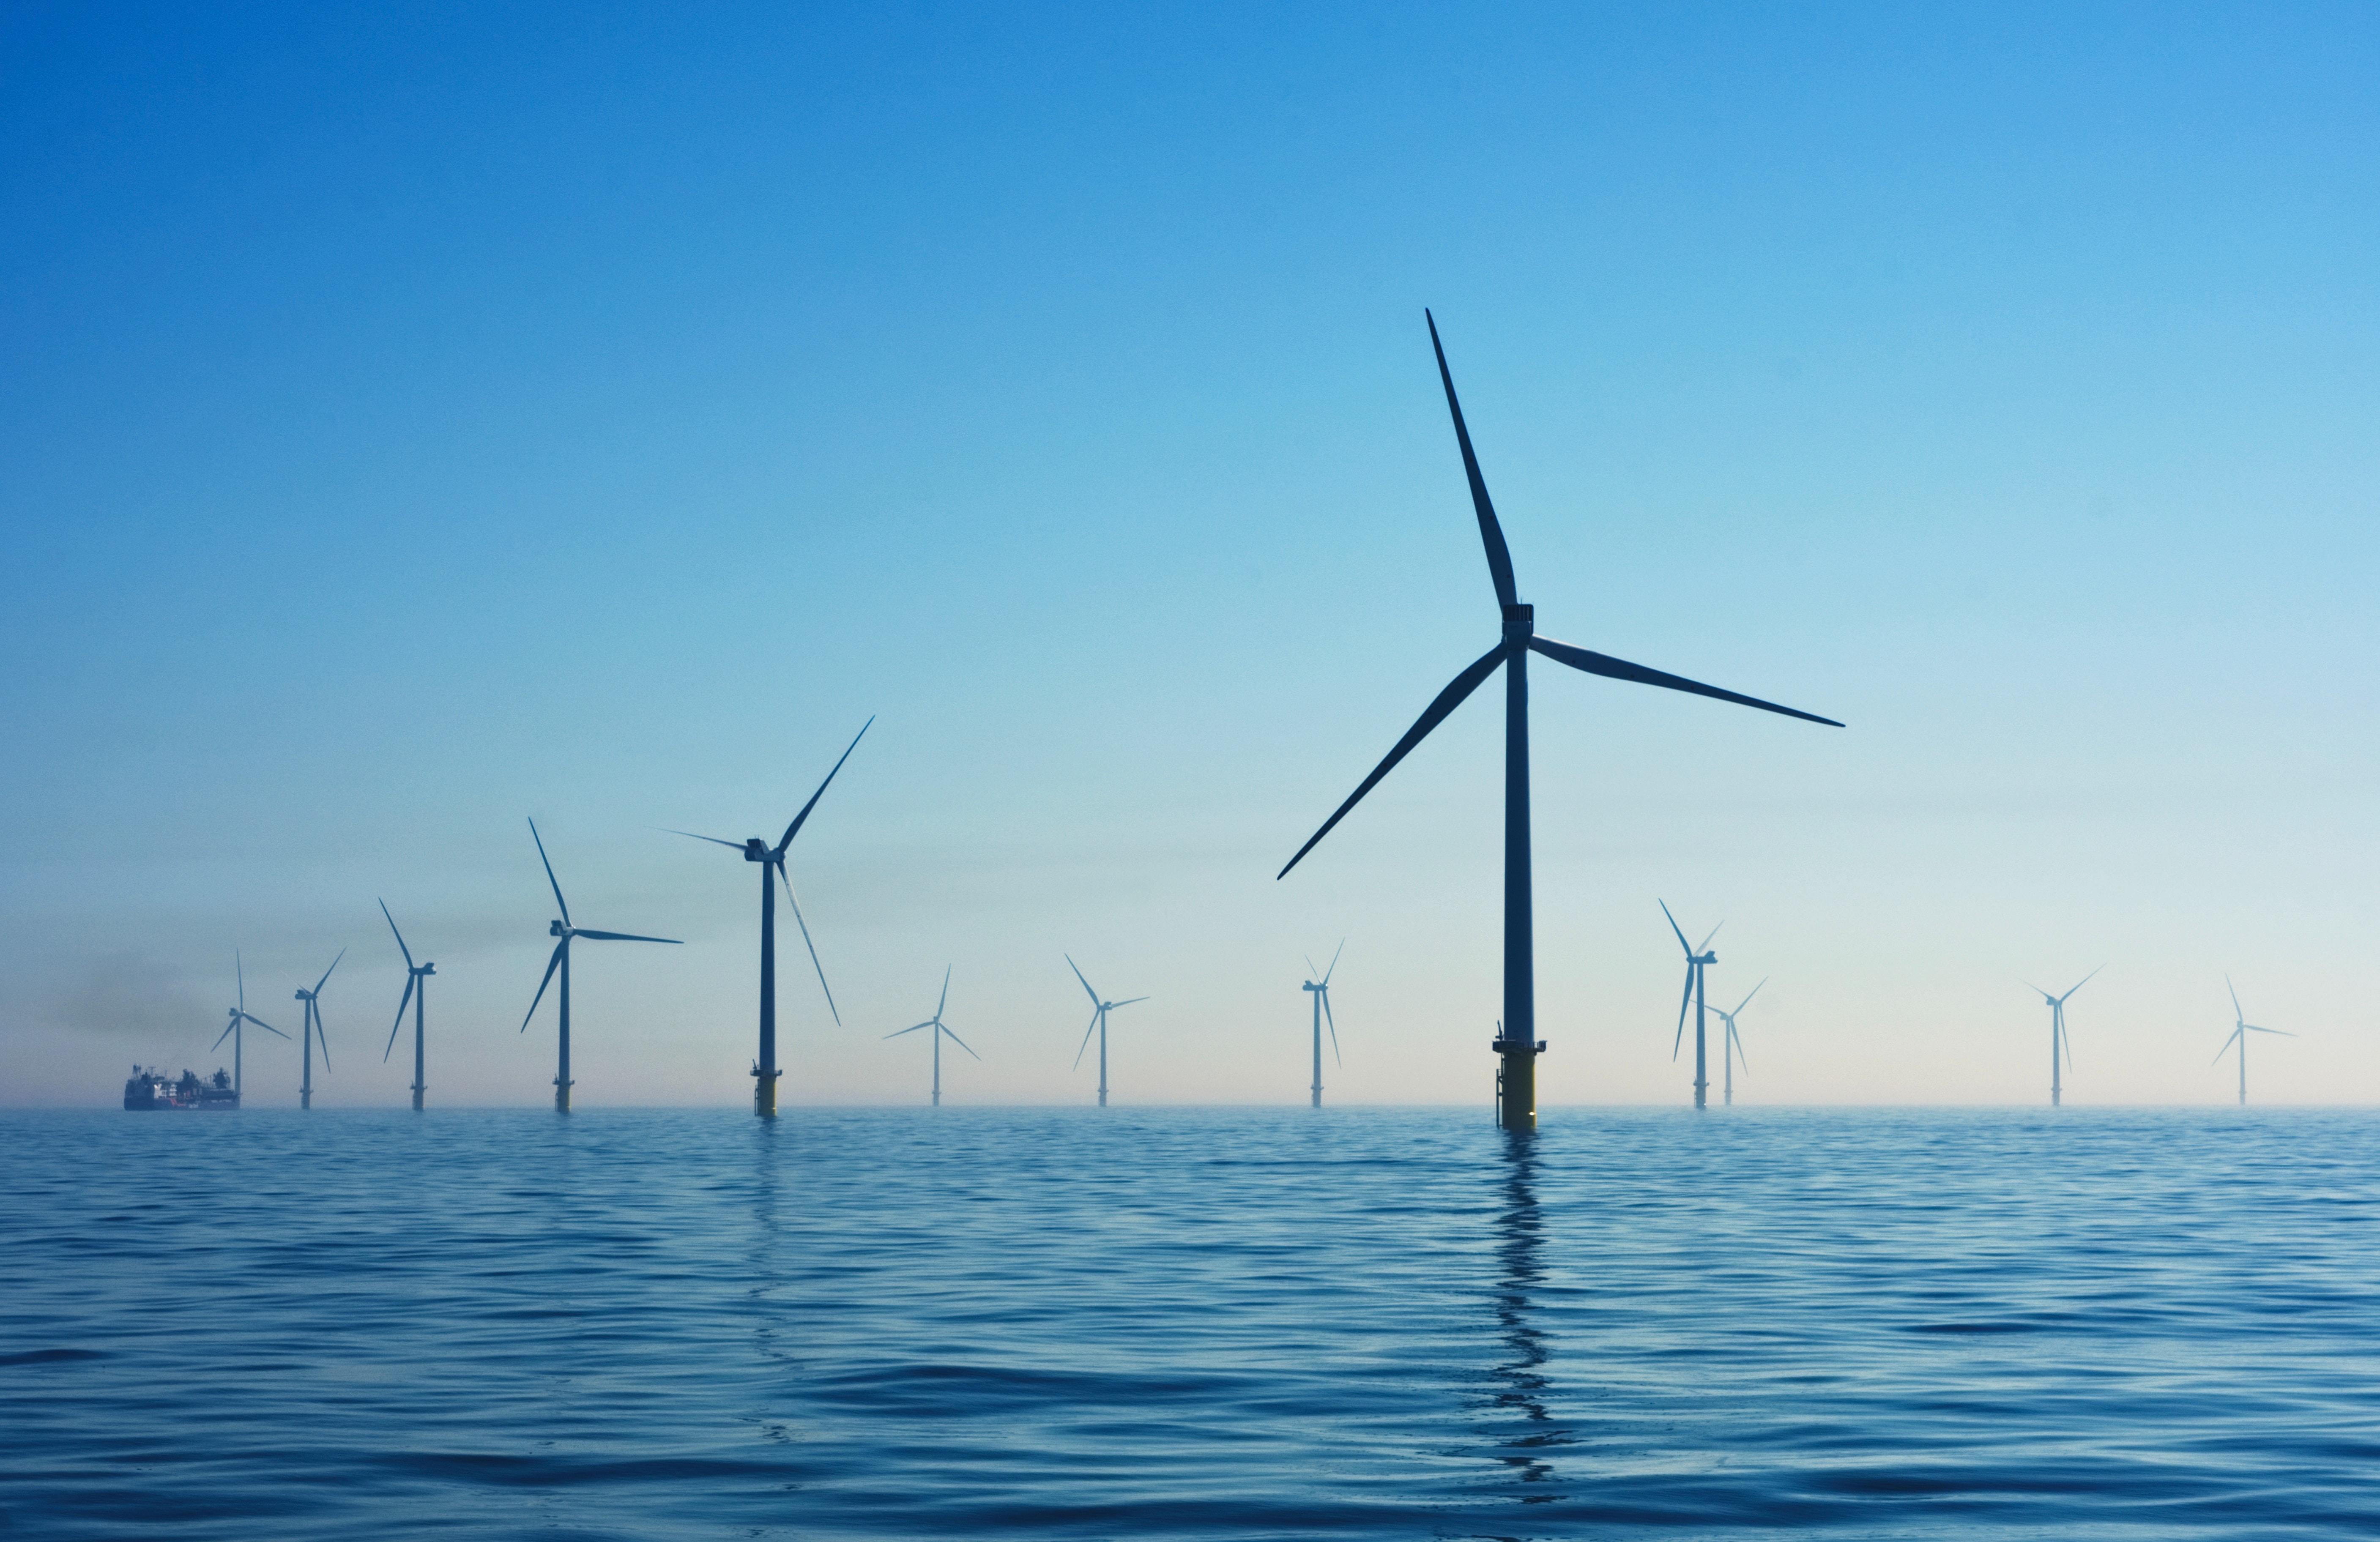 日本における「再生可能エネルギーの発電割合」を増やすためにできること:洋上風力発電